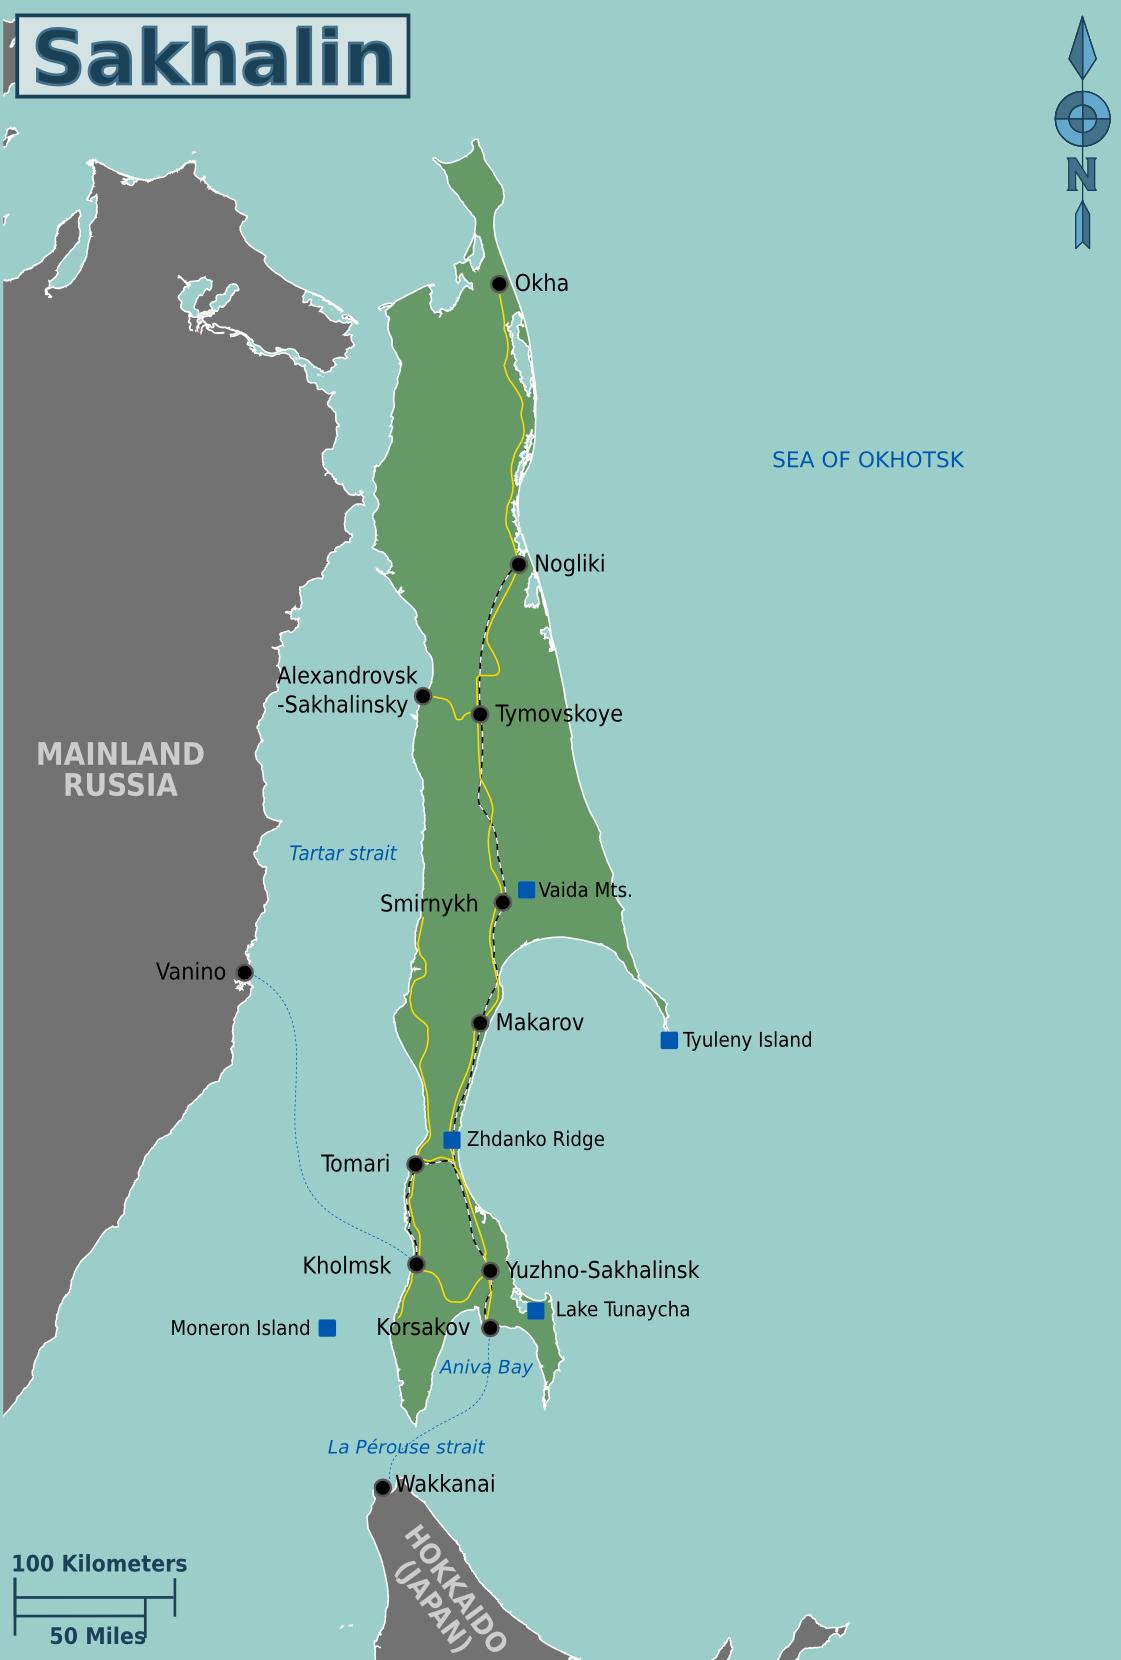 Sakhalin – Travel guide at Wikivoyage